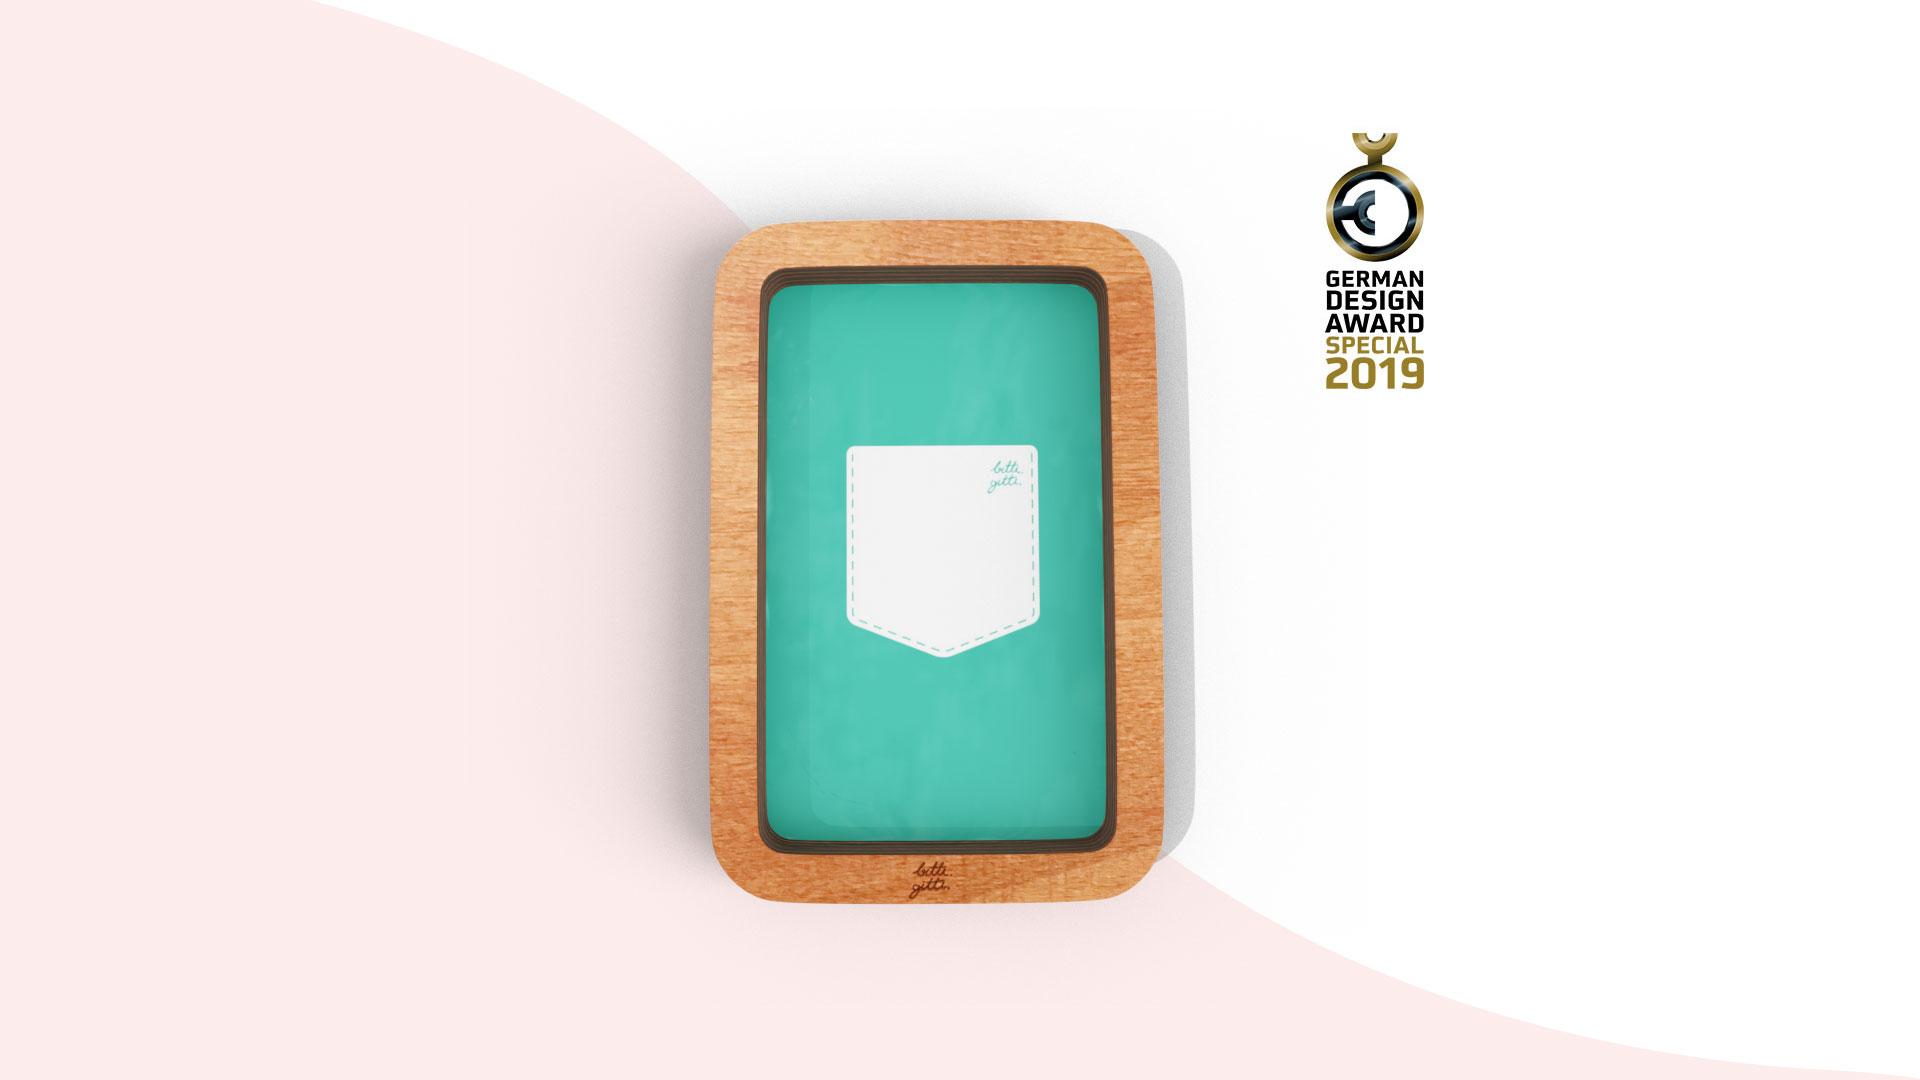 Alman Tasarım Ödülü